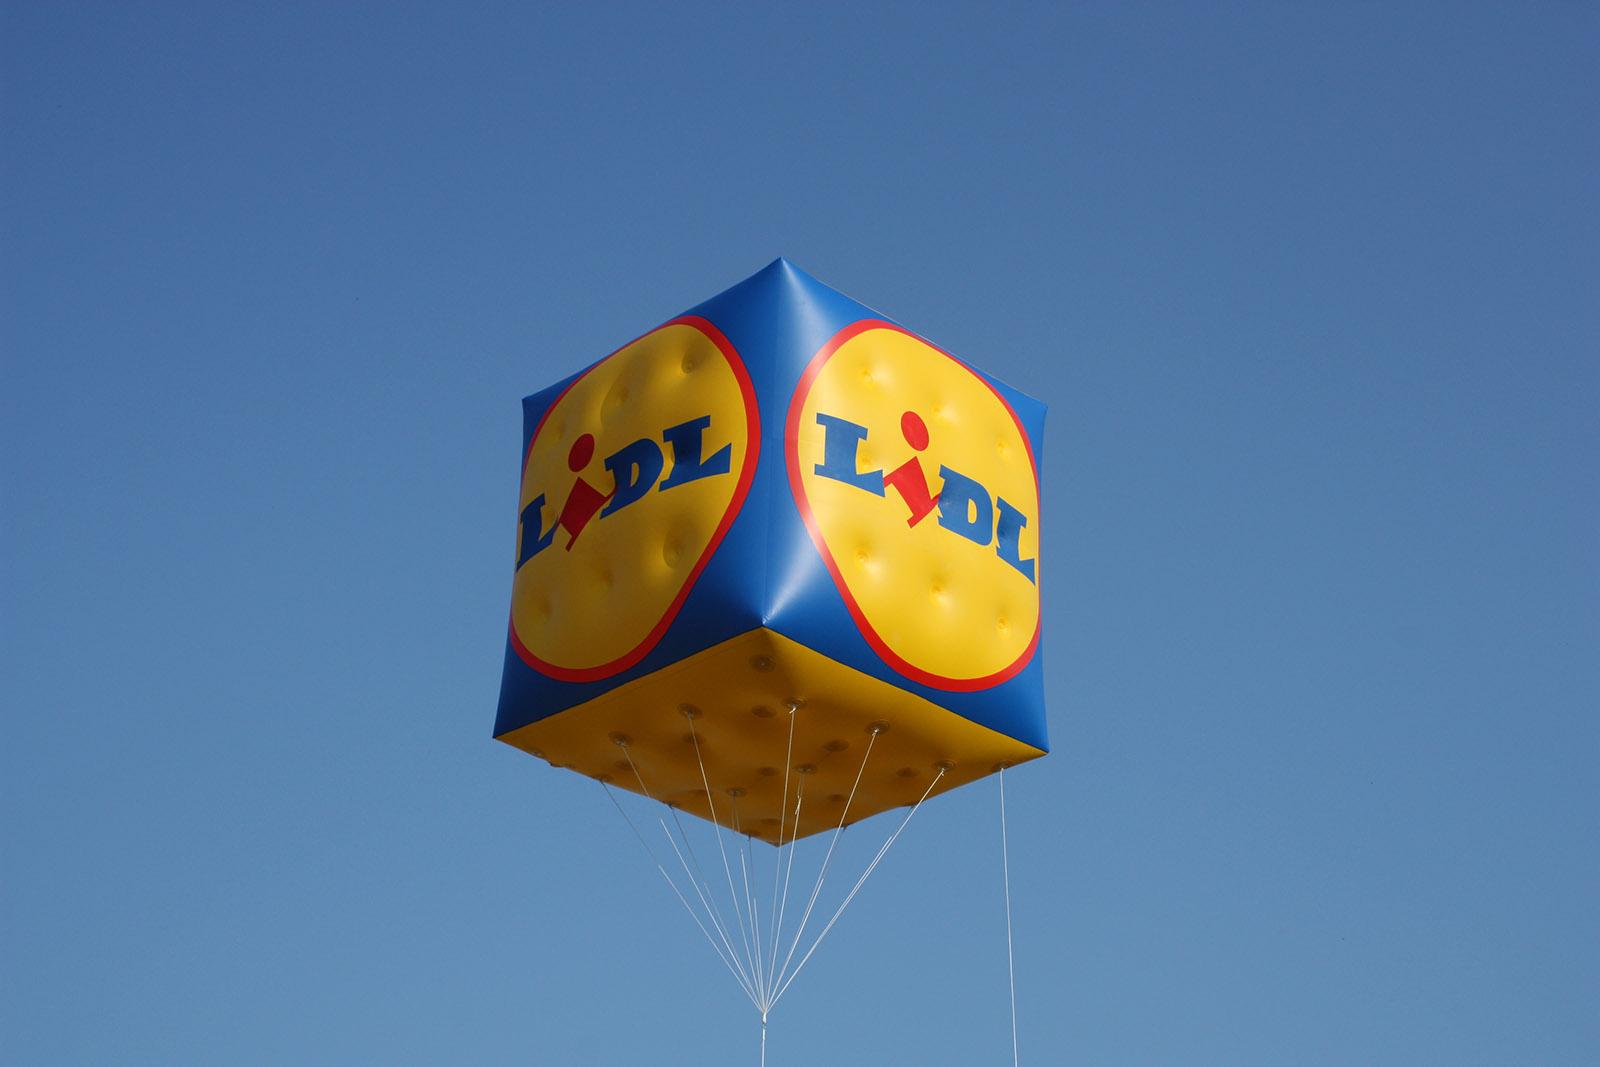 Ein großer Helium-Würfel, den wir im Auftrag für LIDL erstellt haben.